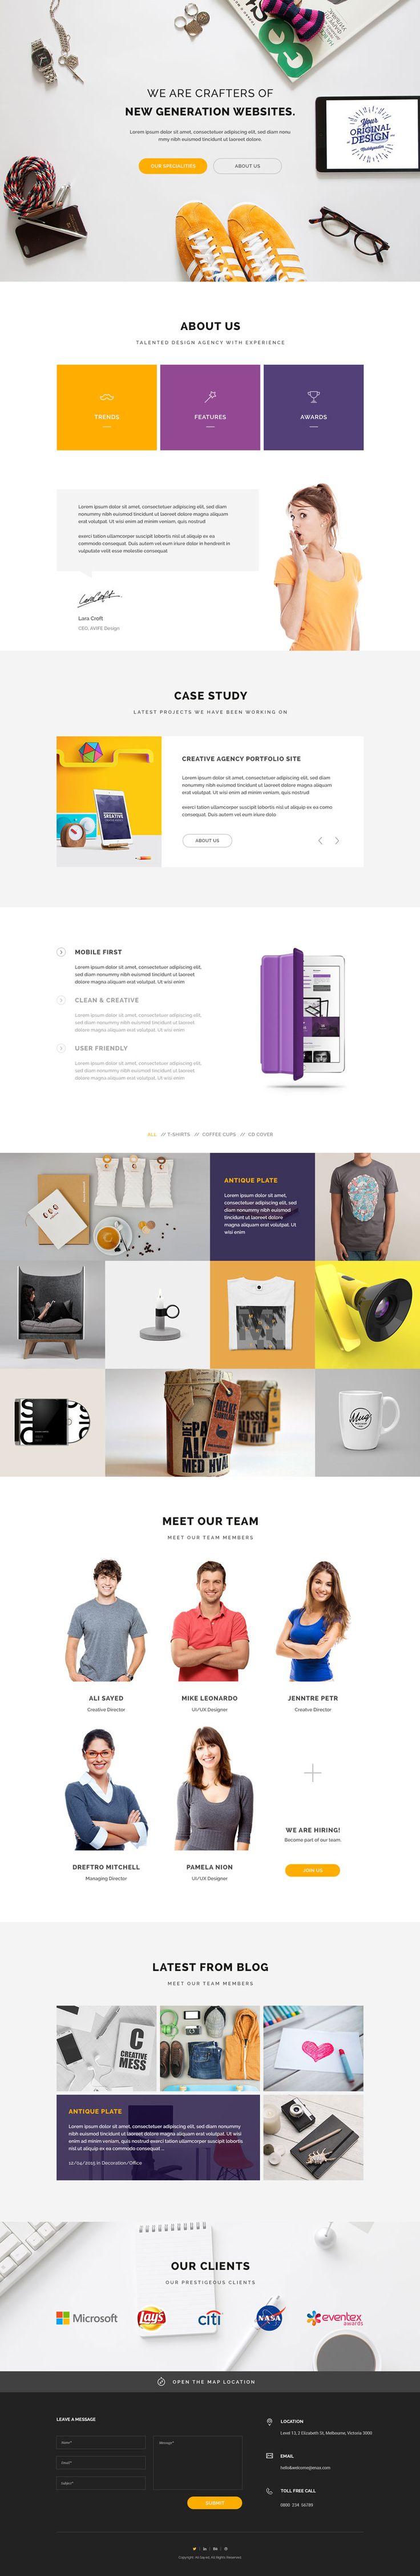 992 best Design // Web Design images on Pinterest | Website designs ...